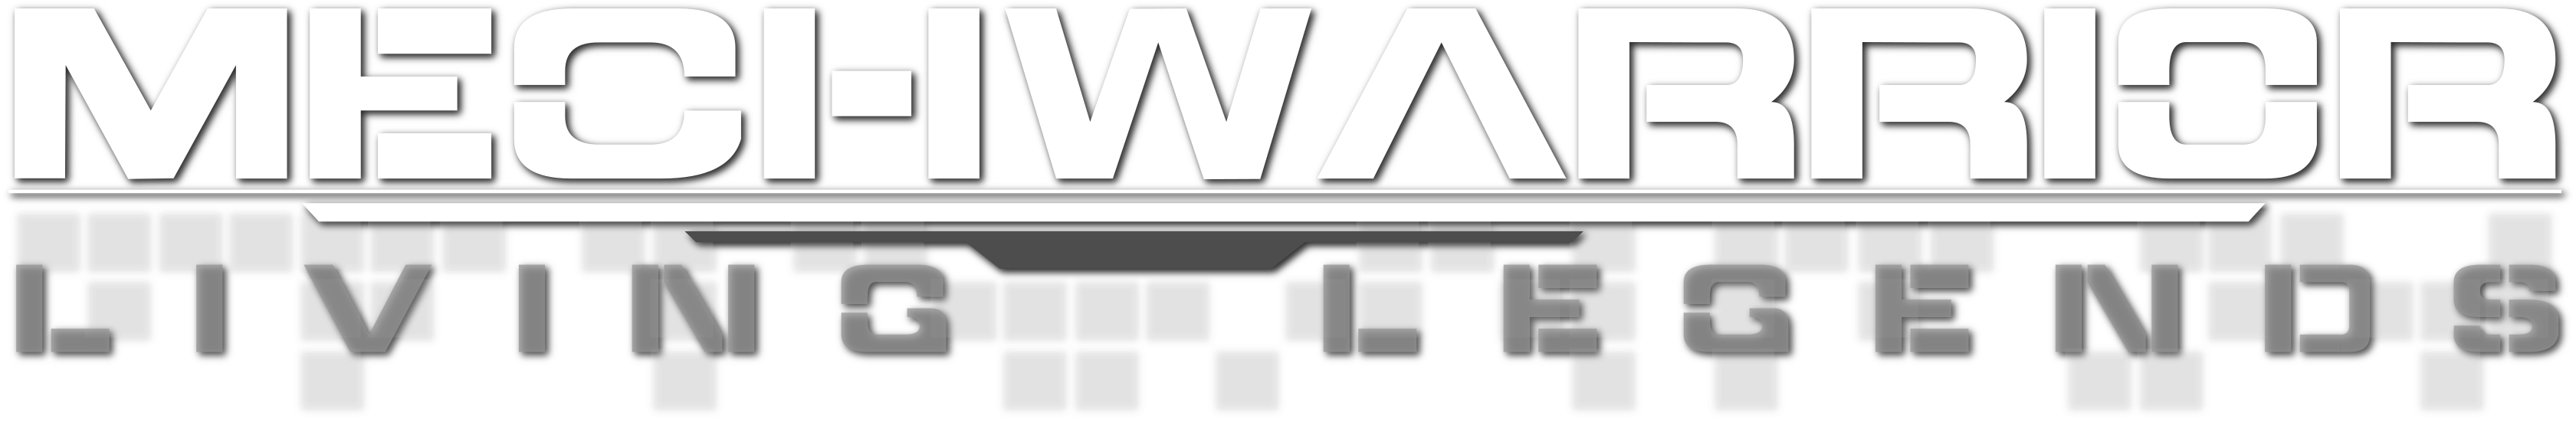 Banner MWLL New Shdw 60Op 2x